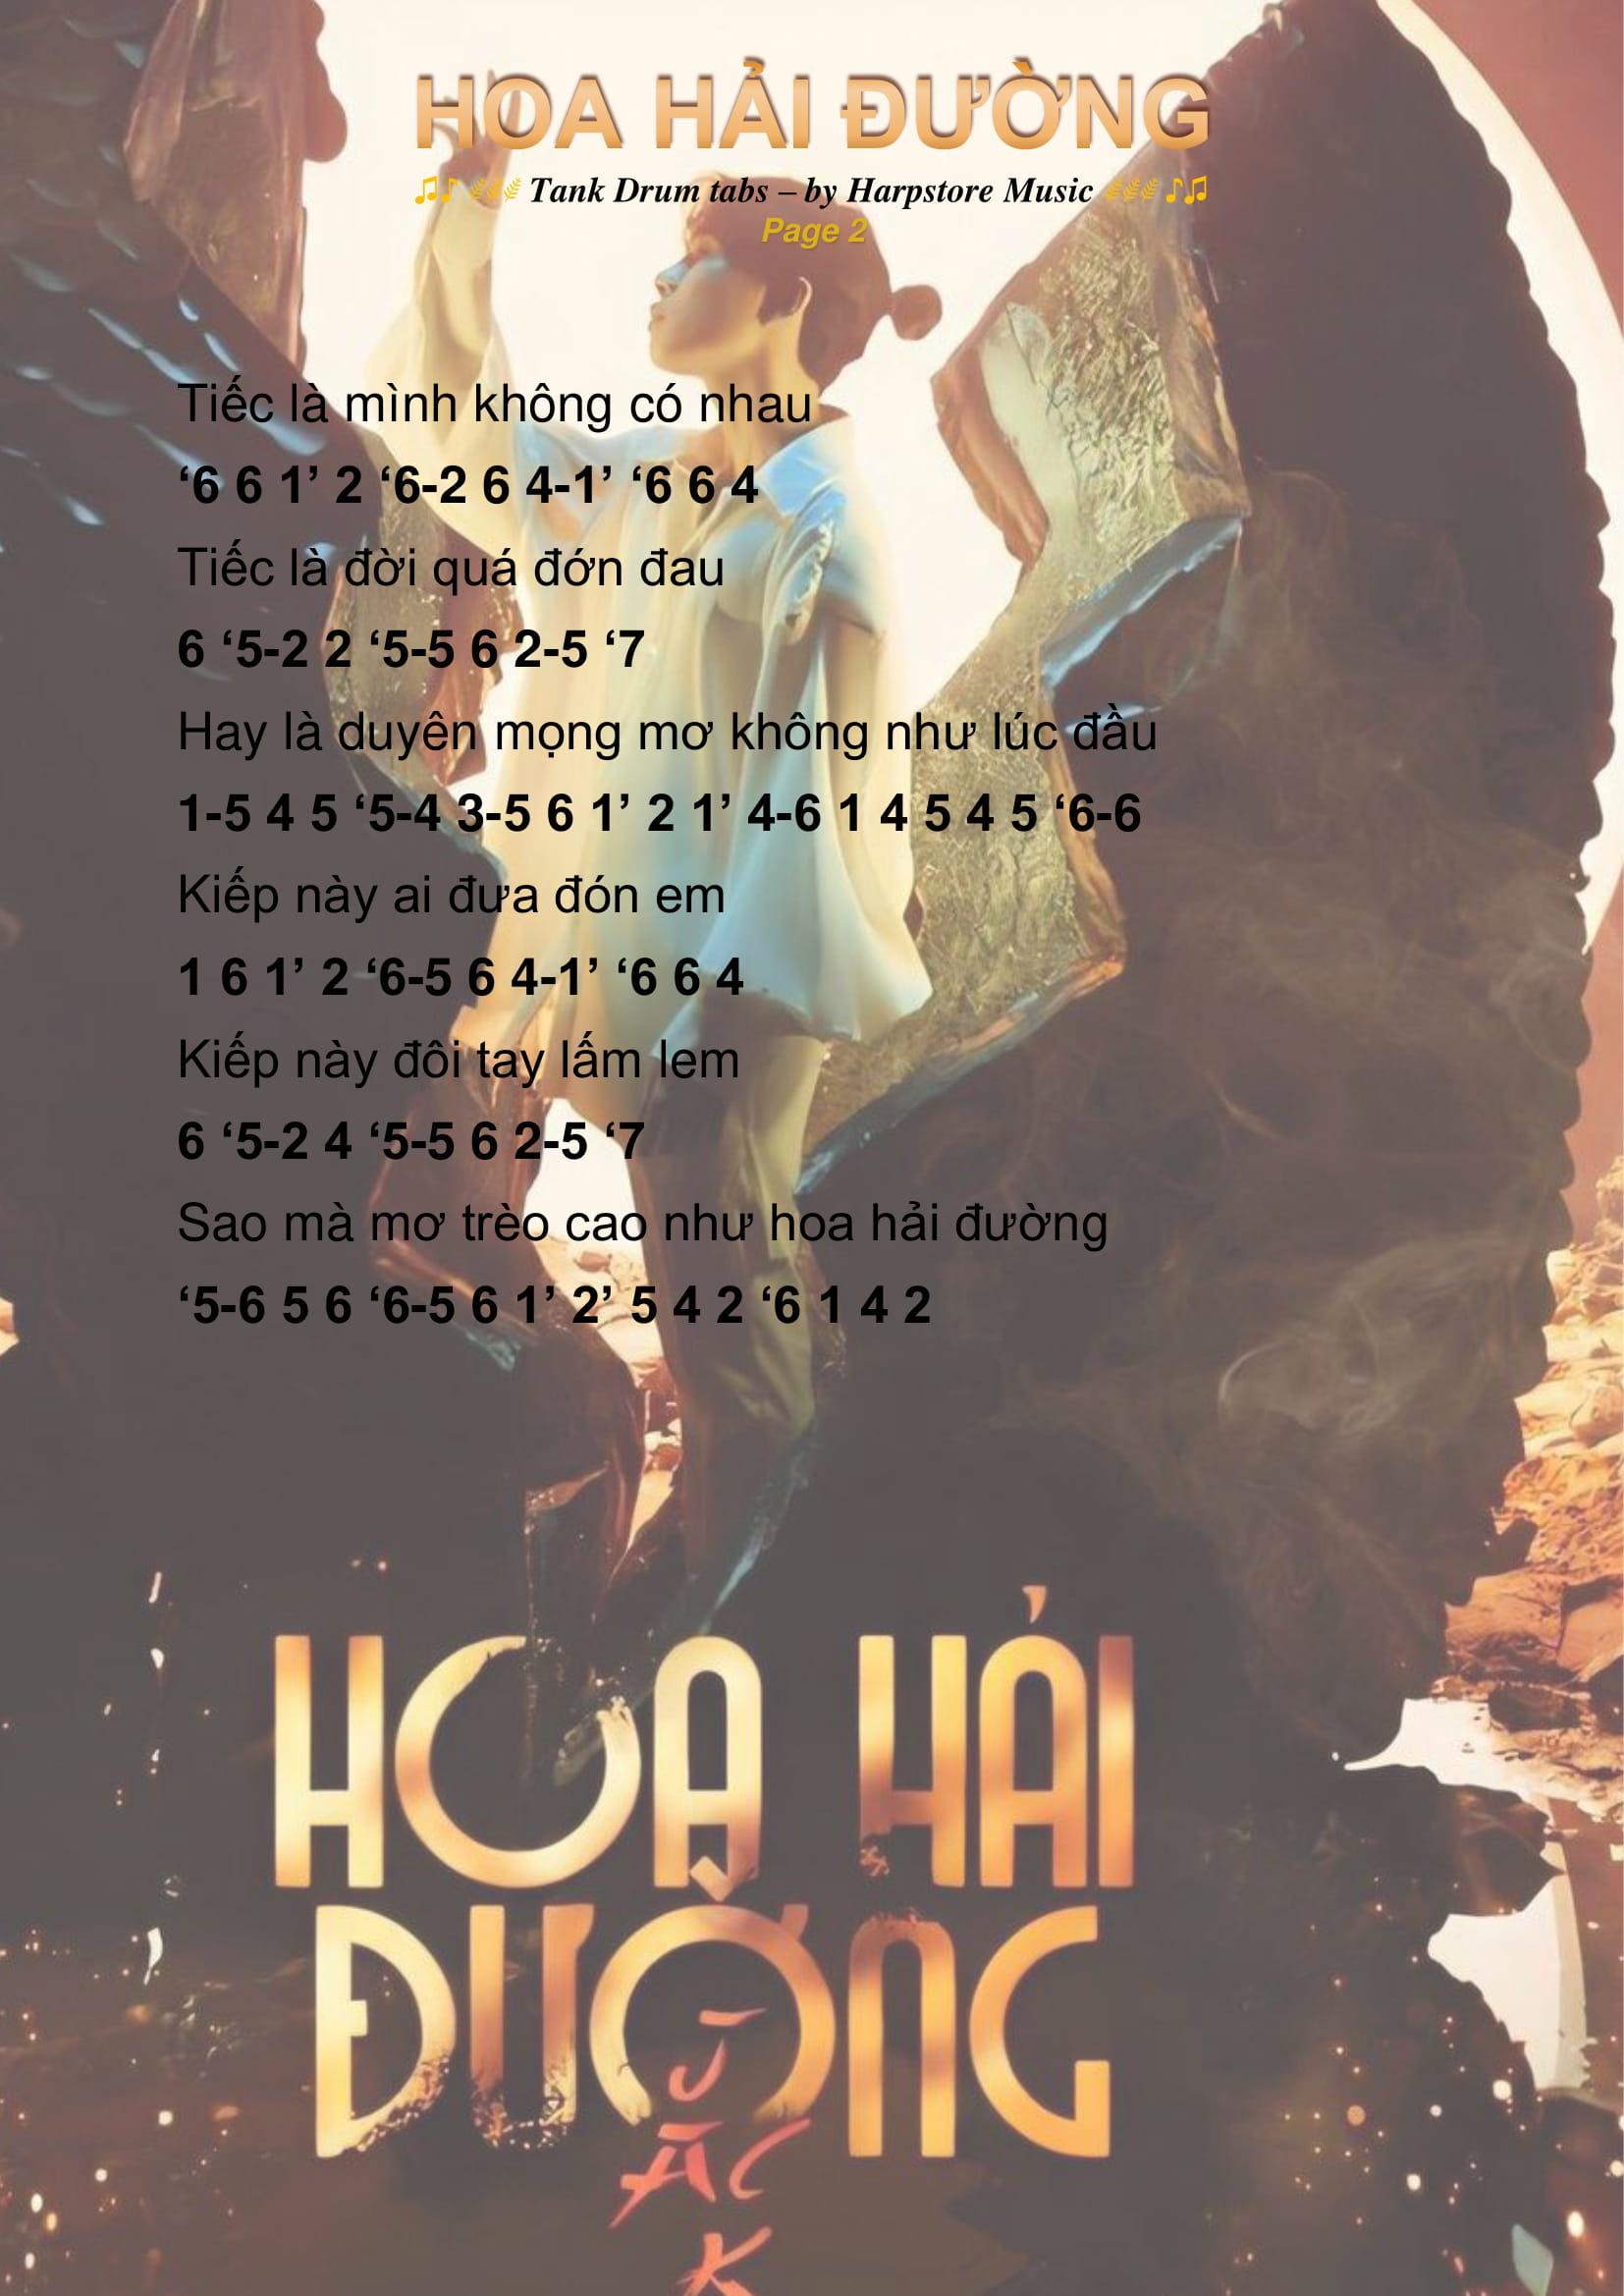 Hoa hải đường Tank Drum Cover 2